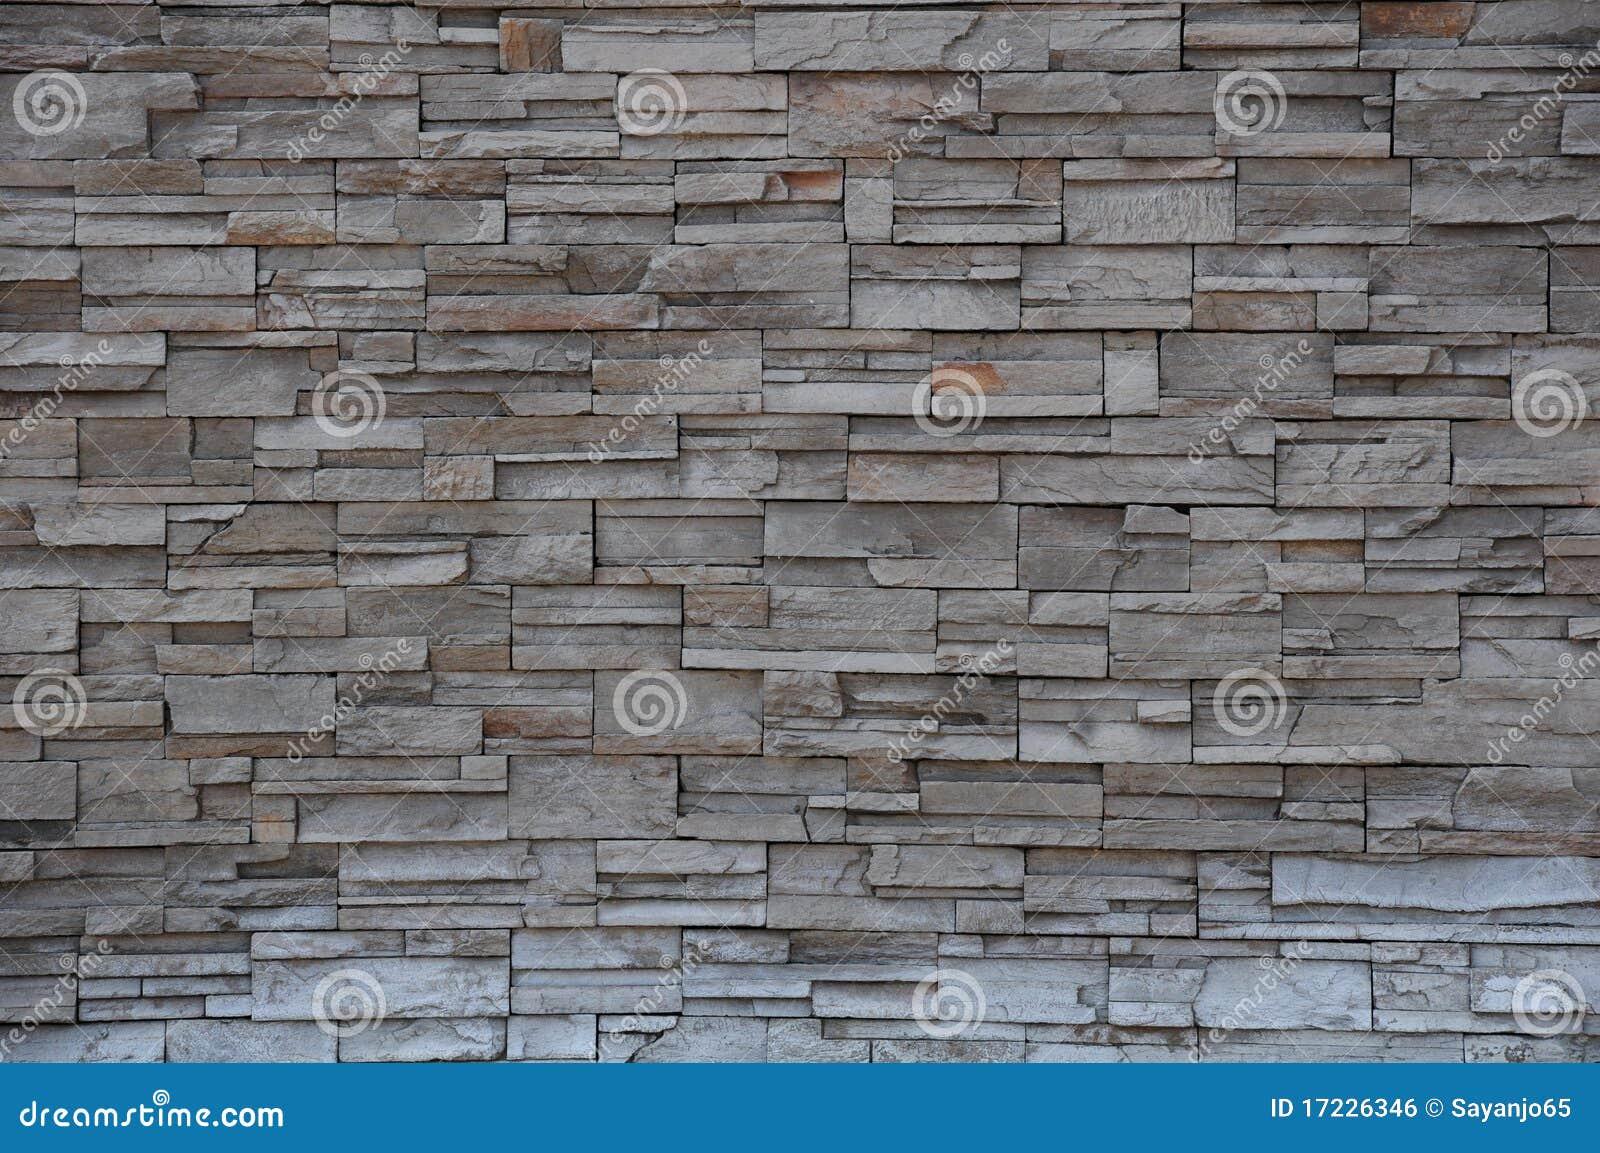 De bakstenen muur van de steen de moderne muur van de baksteensteen stock foto afbeelding - Modern muur steen ...